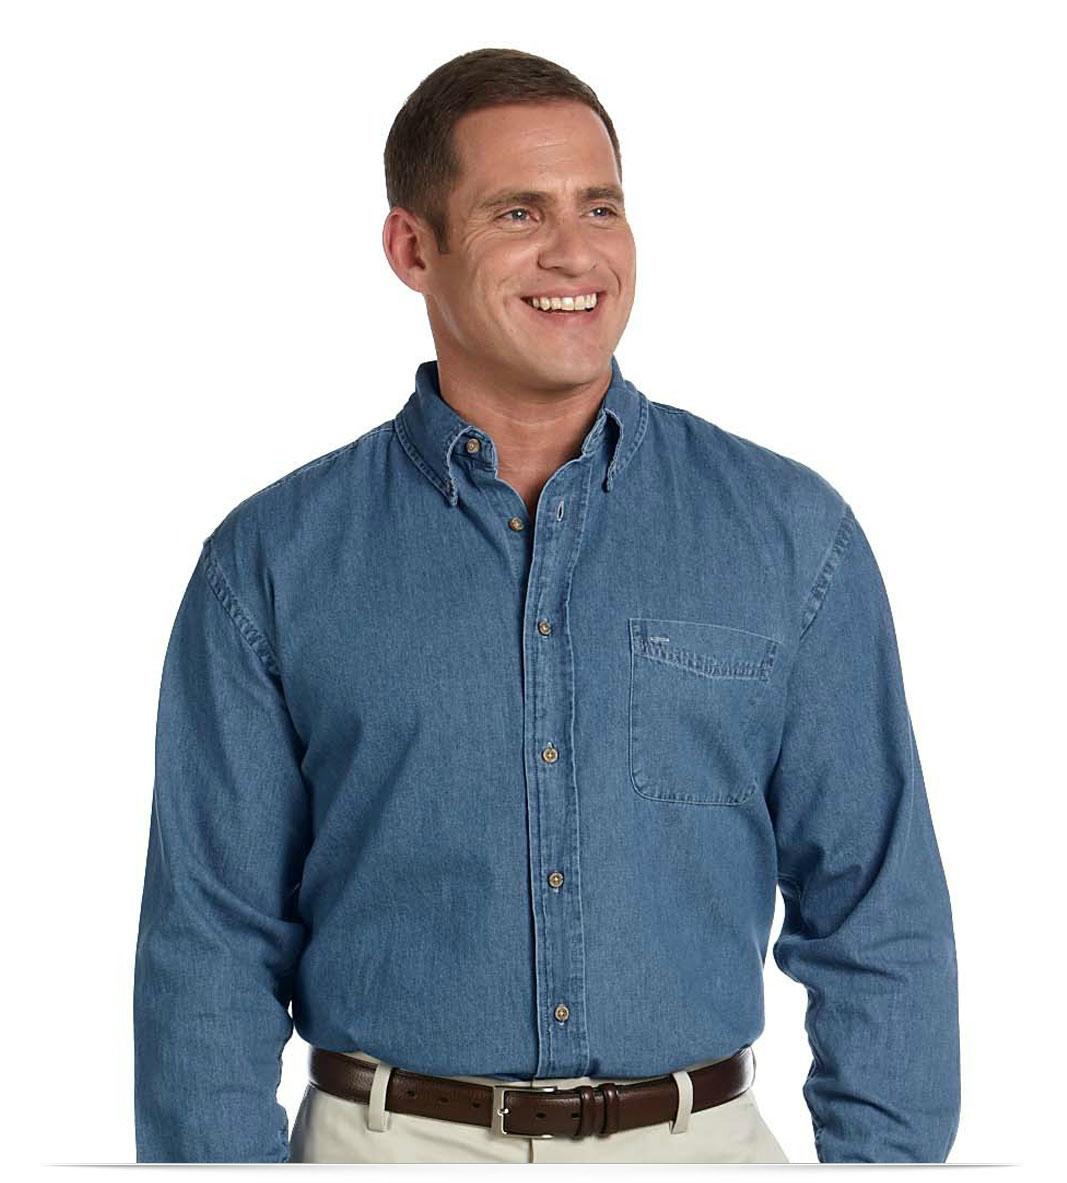 4577d4bfa Harriton Custom Logo Denim Shirt - Design Denim Shirts Online